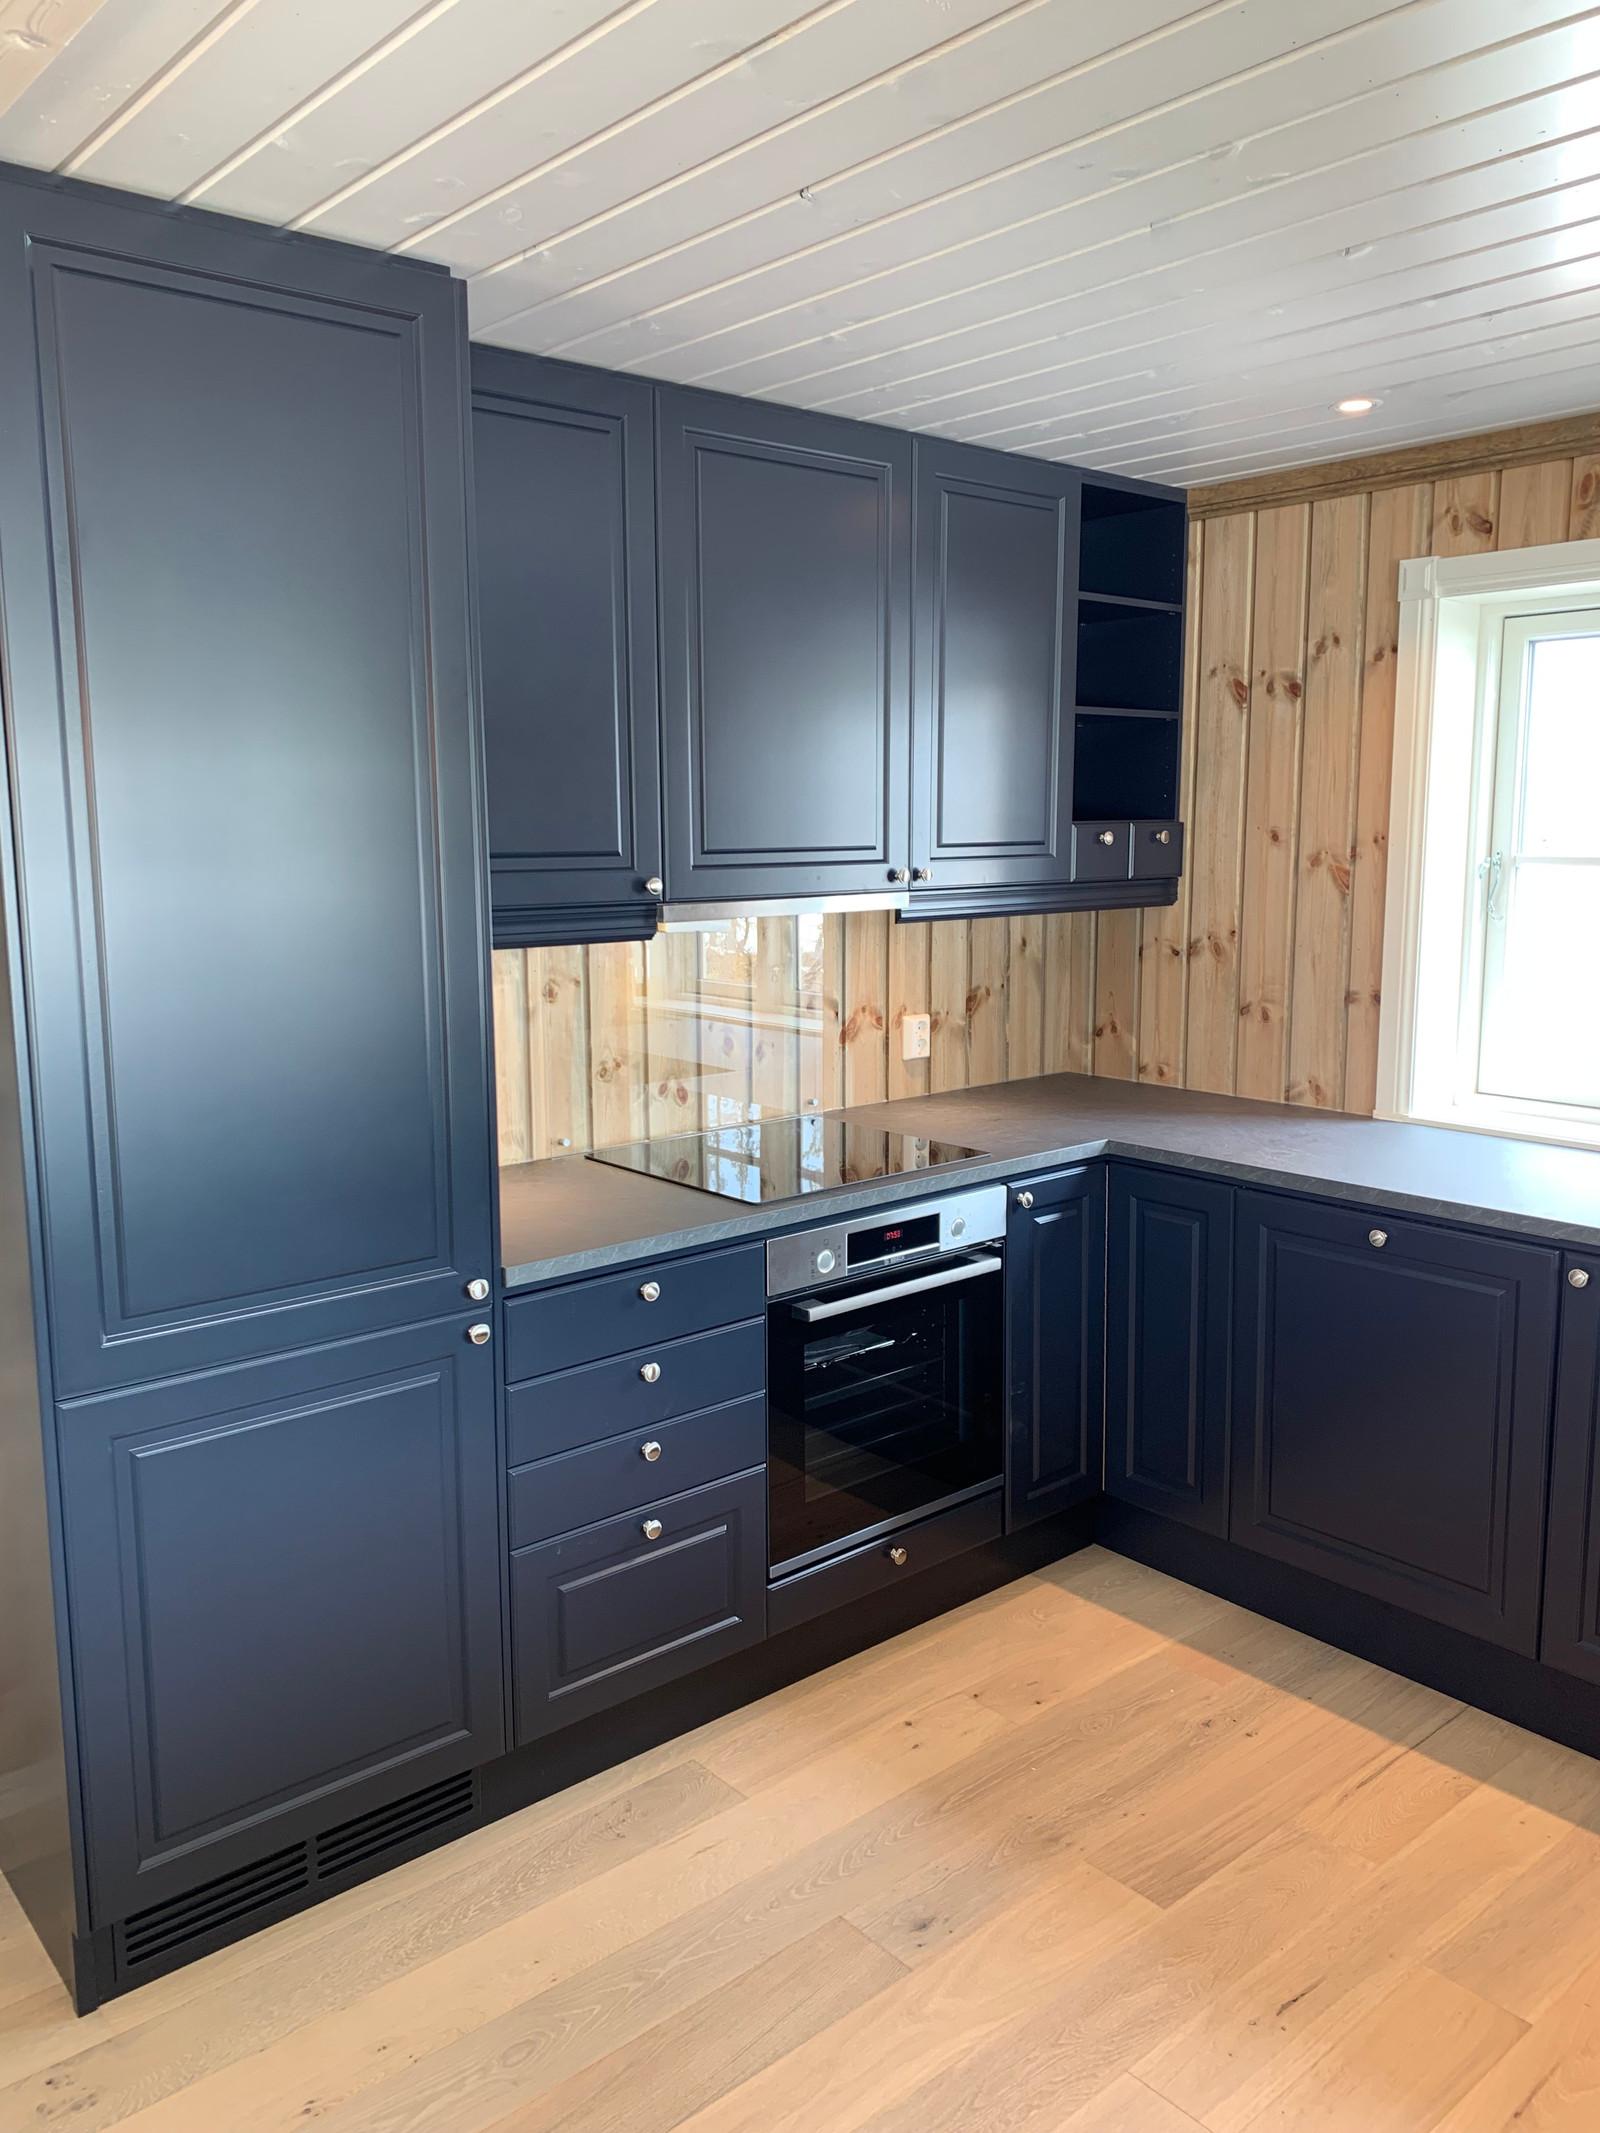 Profilert kjøkken med valgfritt farge.